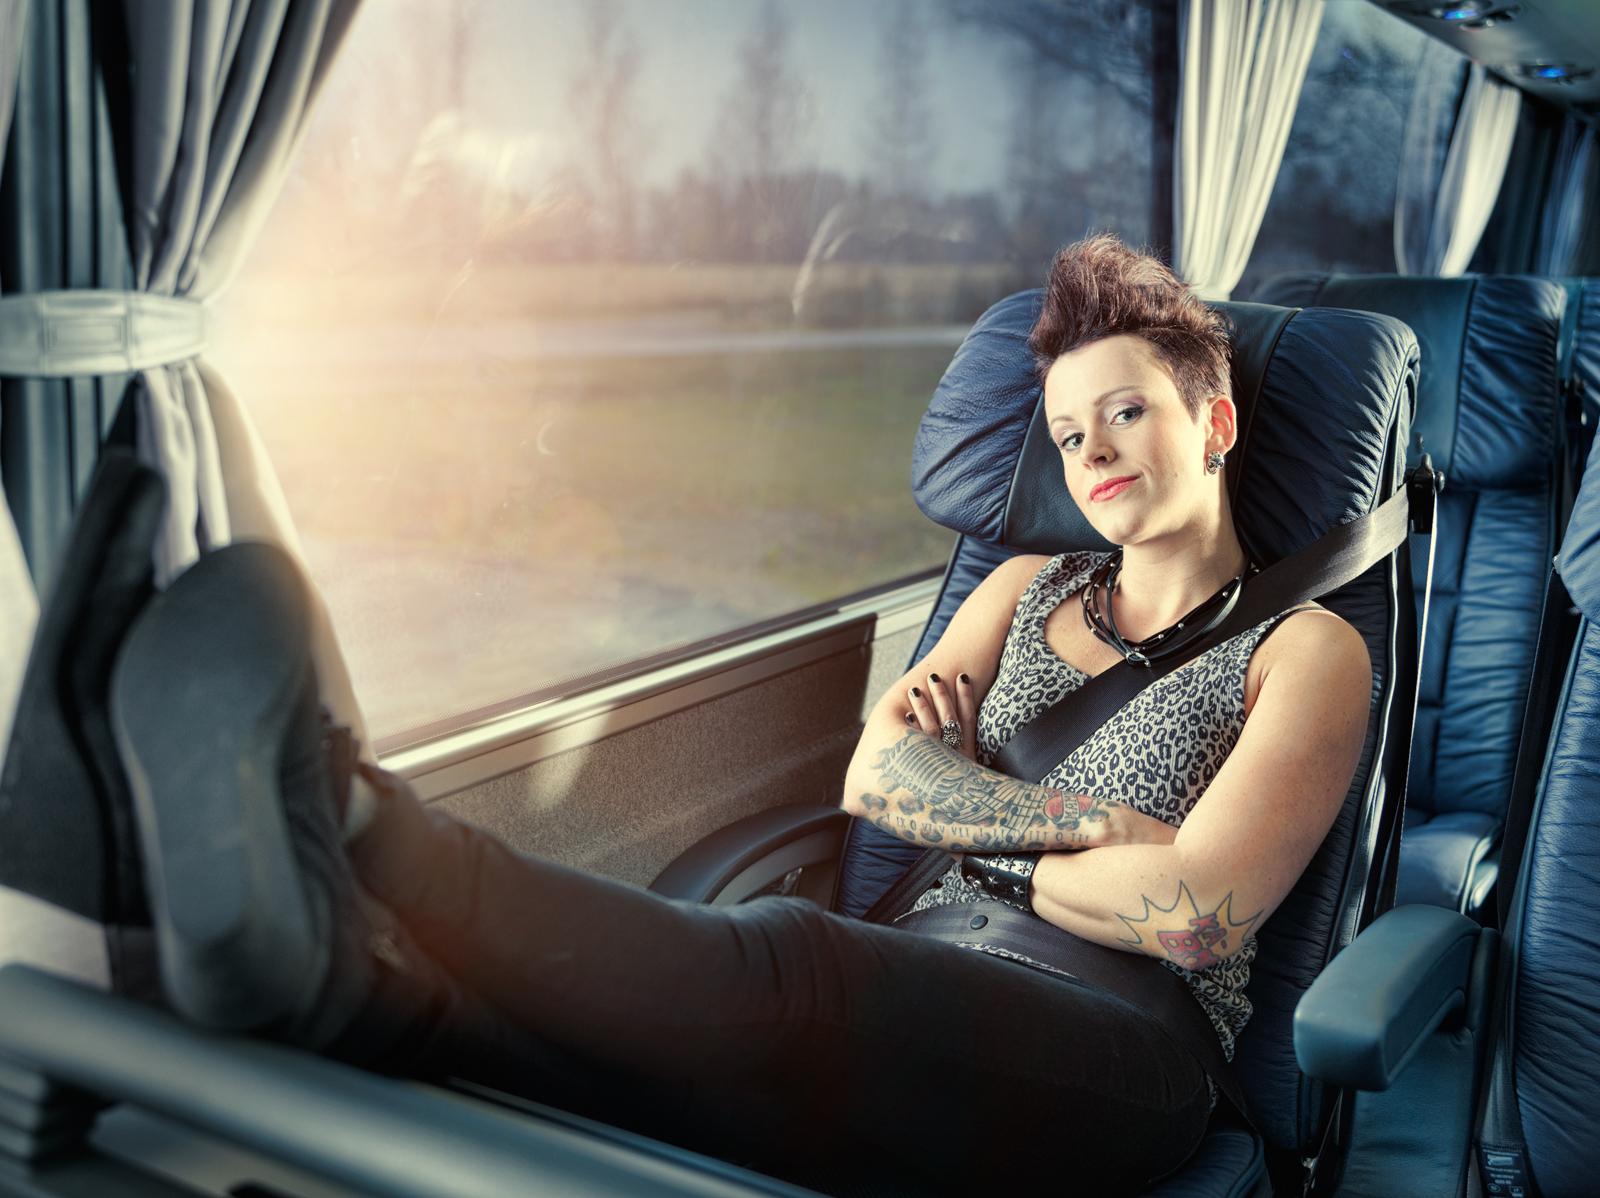 Автобусы в Норвегии — путешествие по стране с комфортом